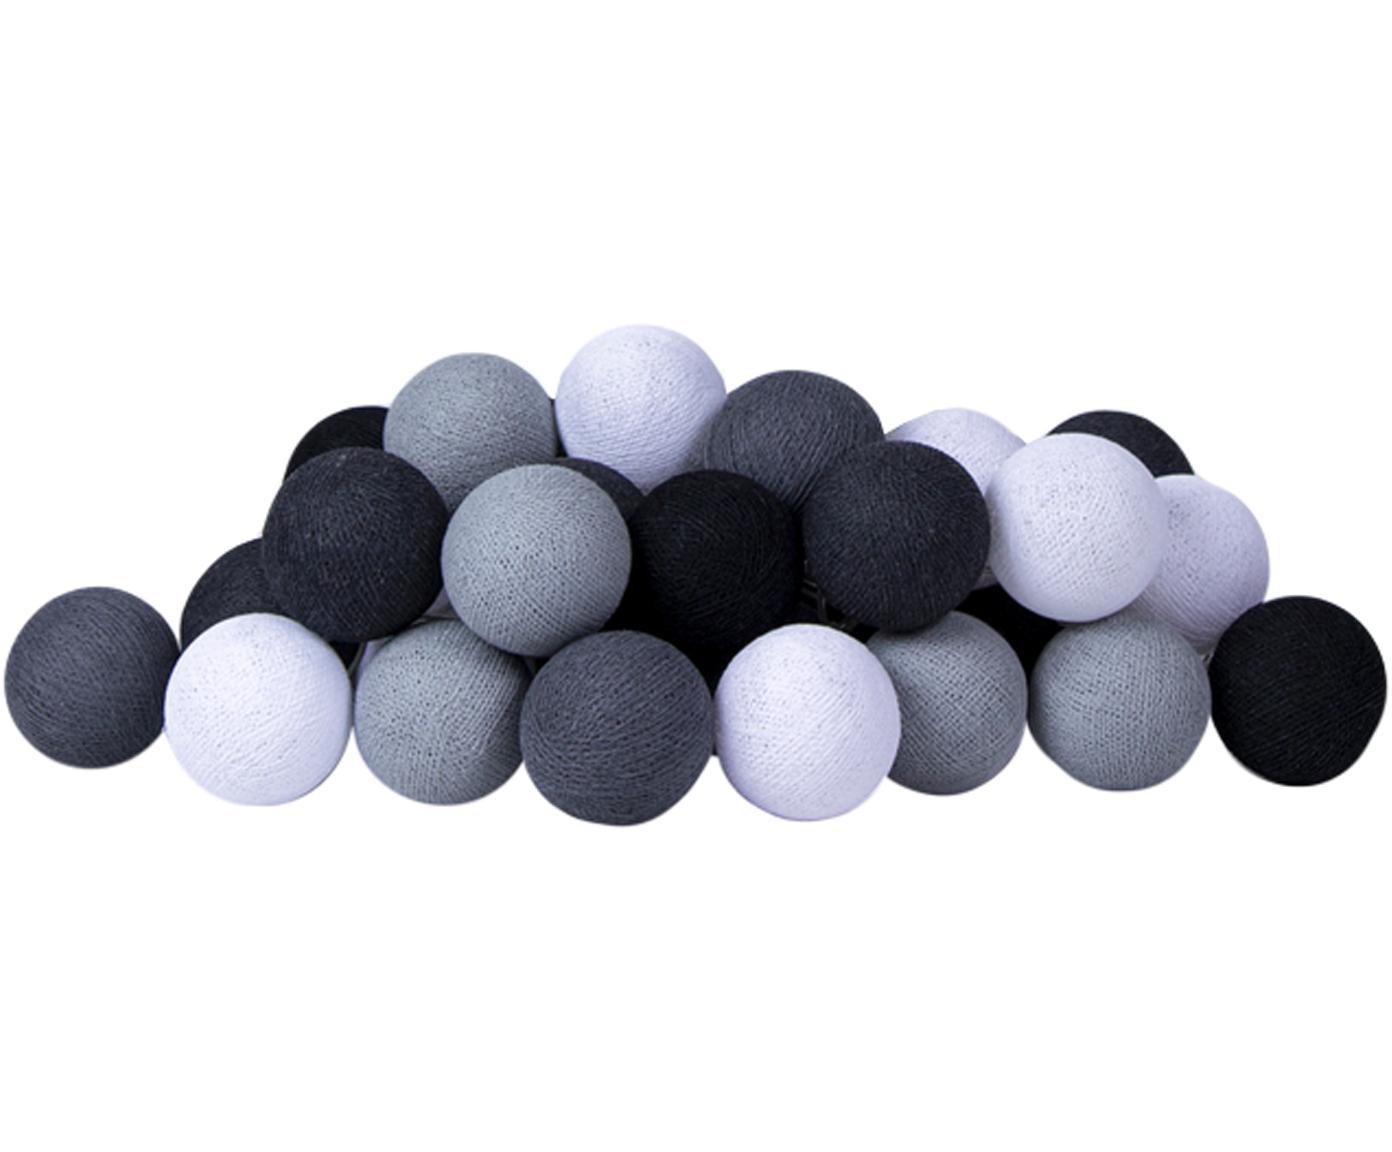 LED lichtslinger Colorain, Lampions: polyester, Zwart, grijstinten, wit, L 264 cm